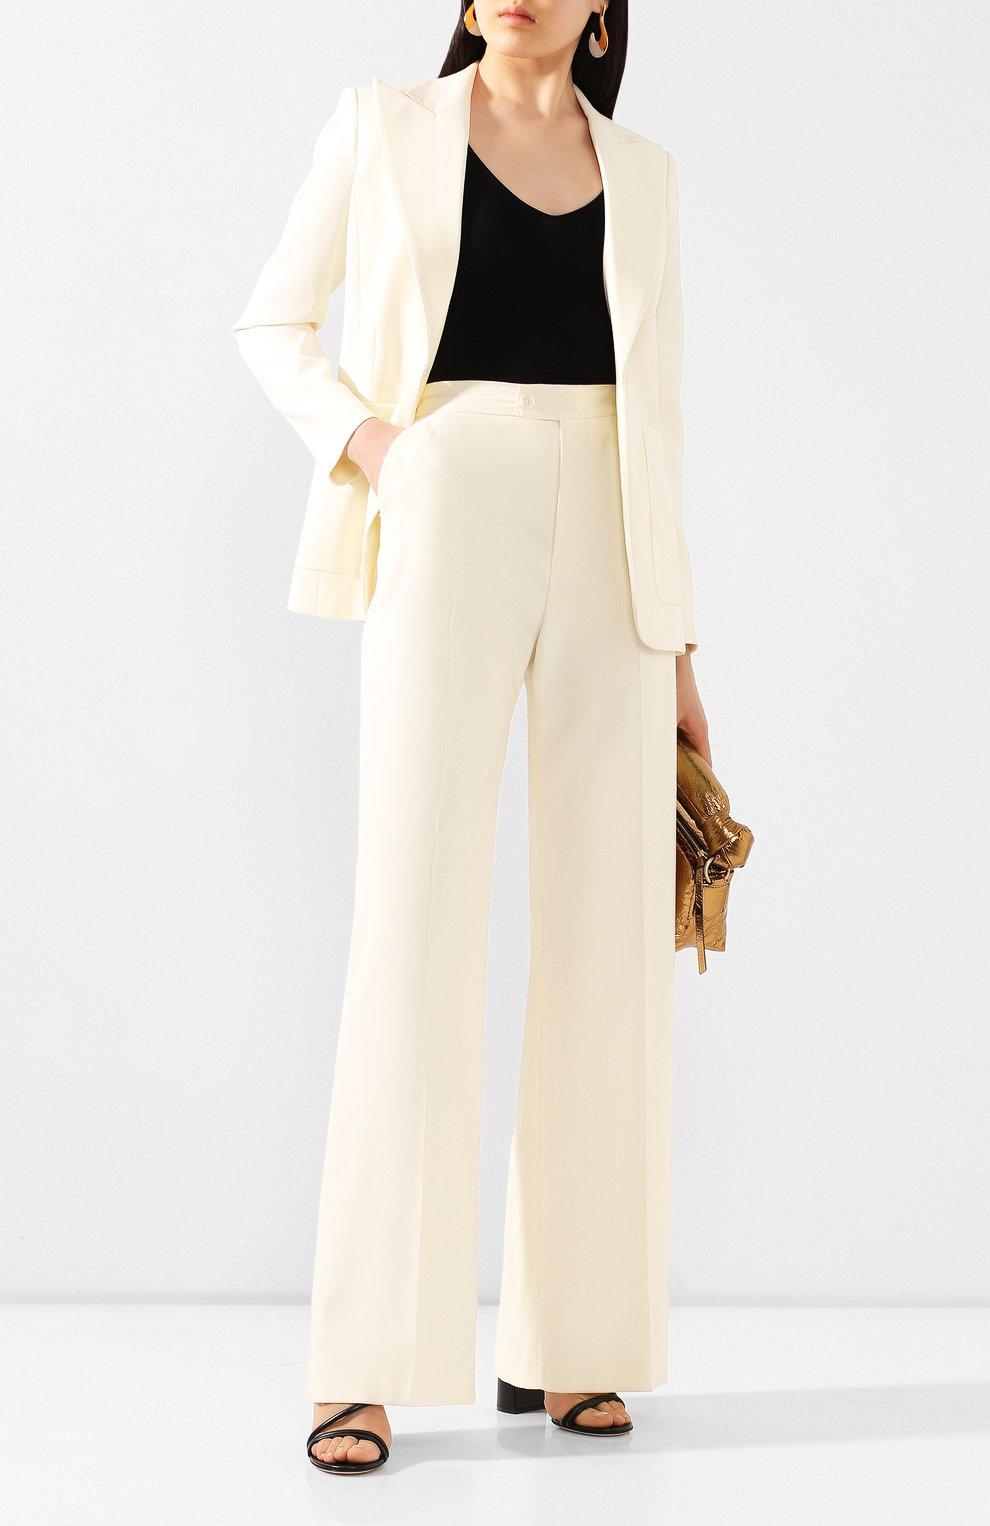 Женские шерстяные брюки ALTUZARRA светло-бежевого цвета, арт. 220-6013-AWS679   Фото 2 (Длина (брюки, джинсы): Удлиненные; Материал внешний: Шерсть; Женское Кросс-КТ: Брюки-одежда; Силуэт Ж (брюки и джинсы): Прямые)